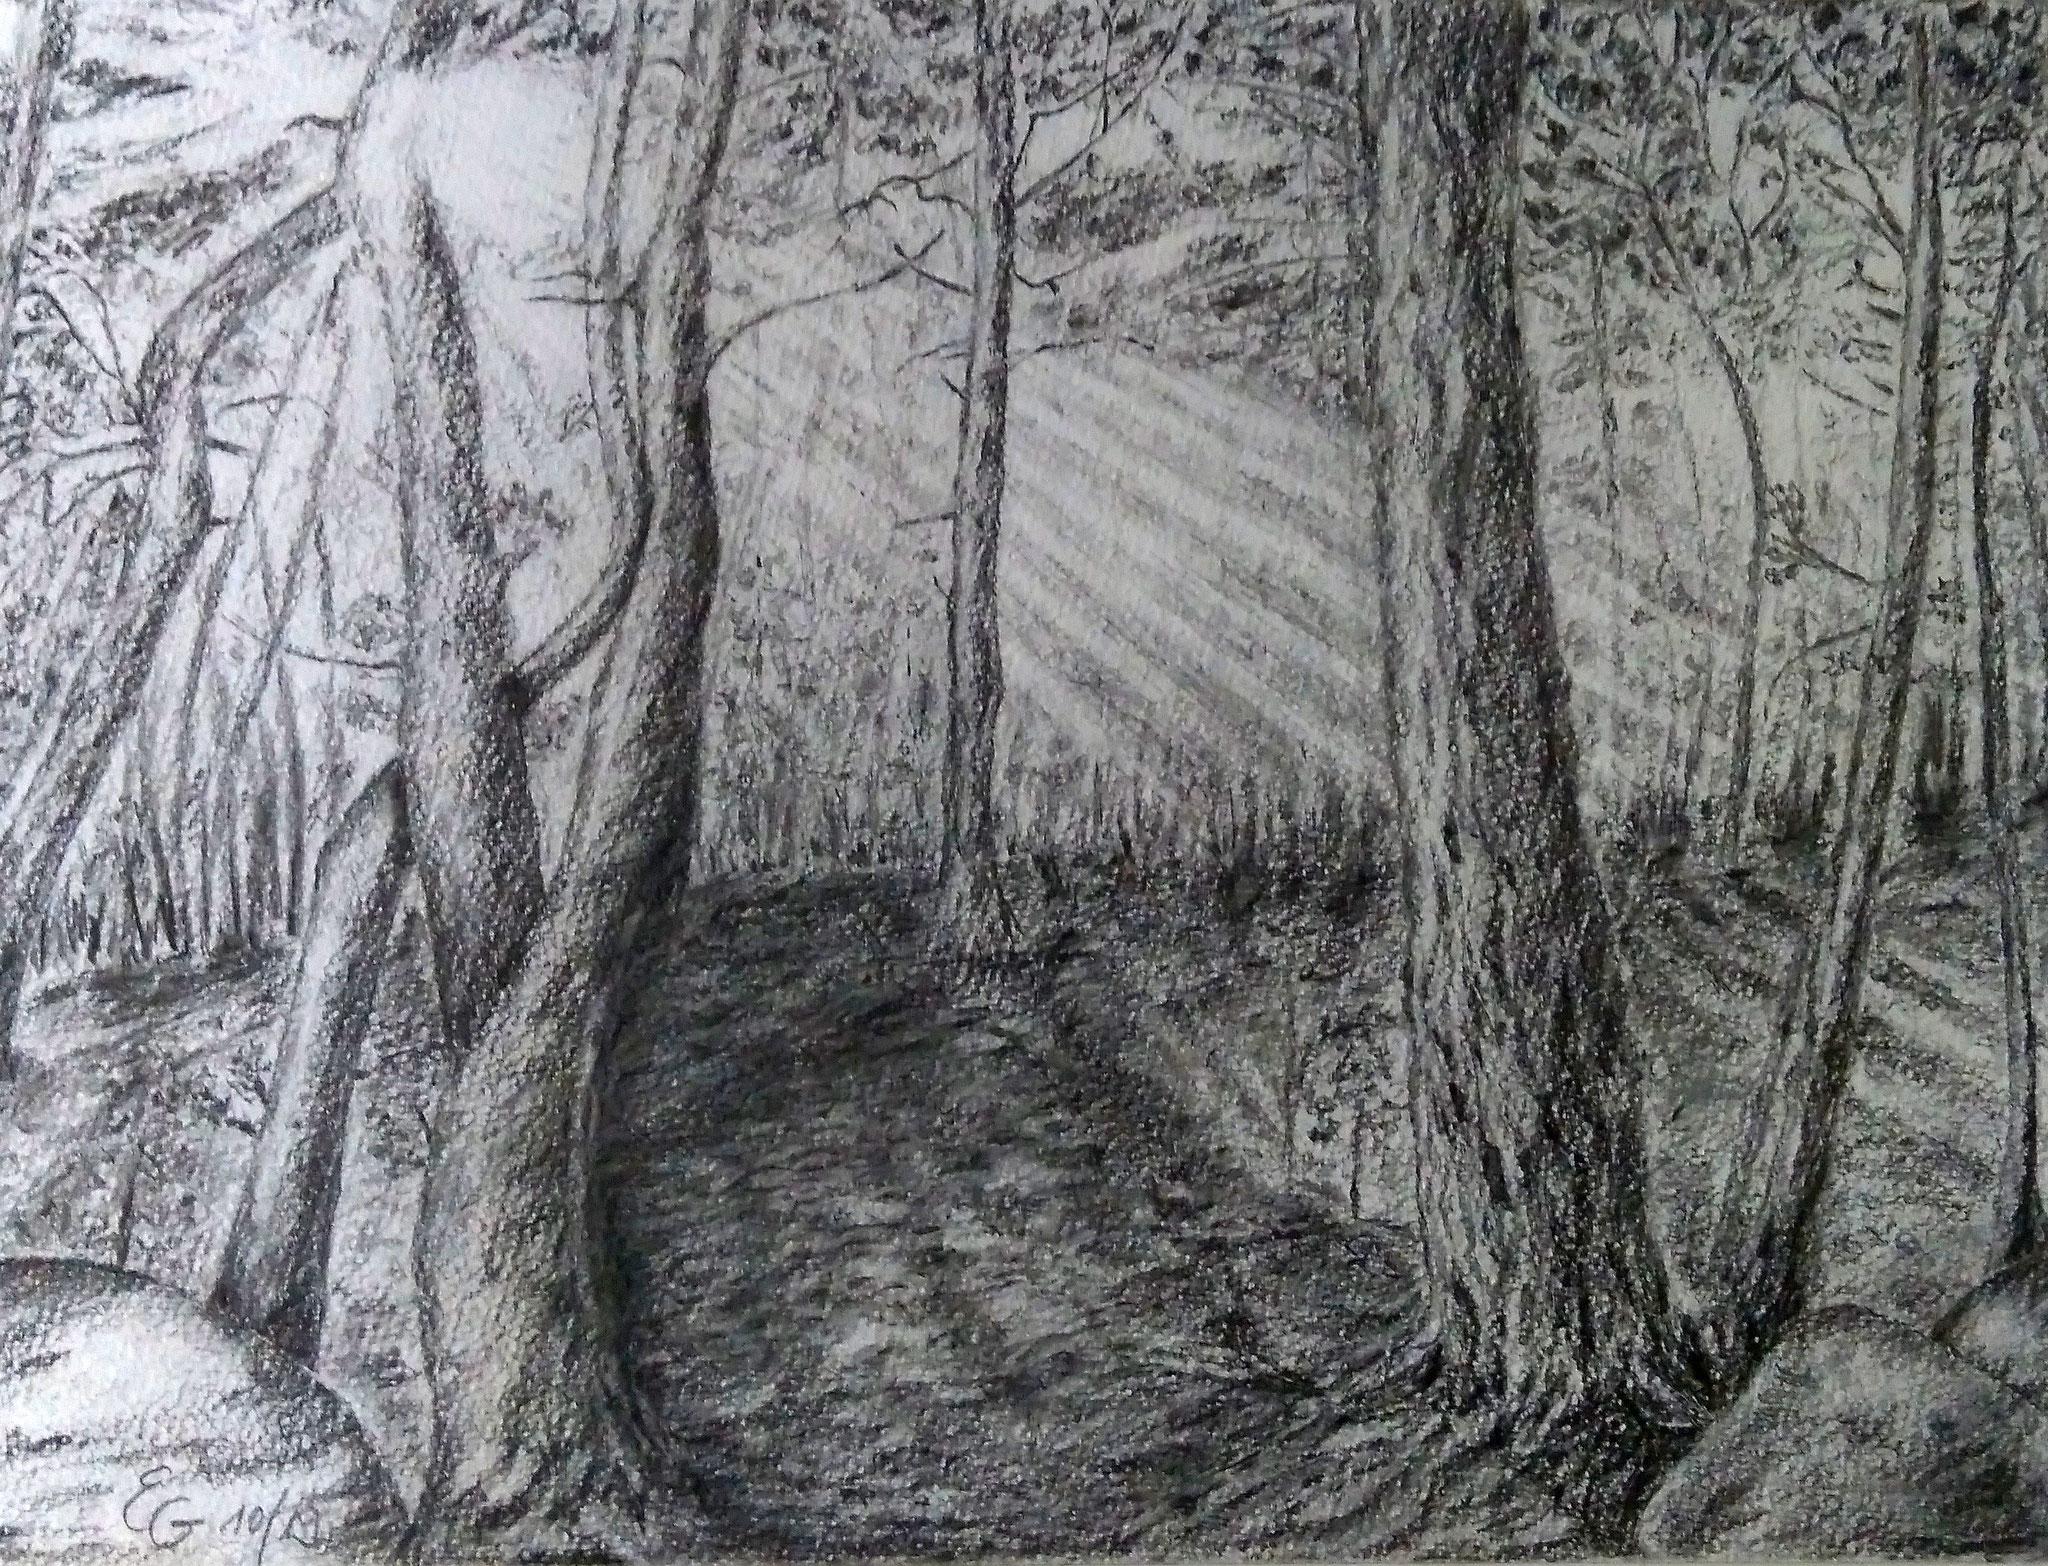 Lichtung, mit Rahmen 50 cm x 70 cm, Bleistift auf Papier